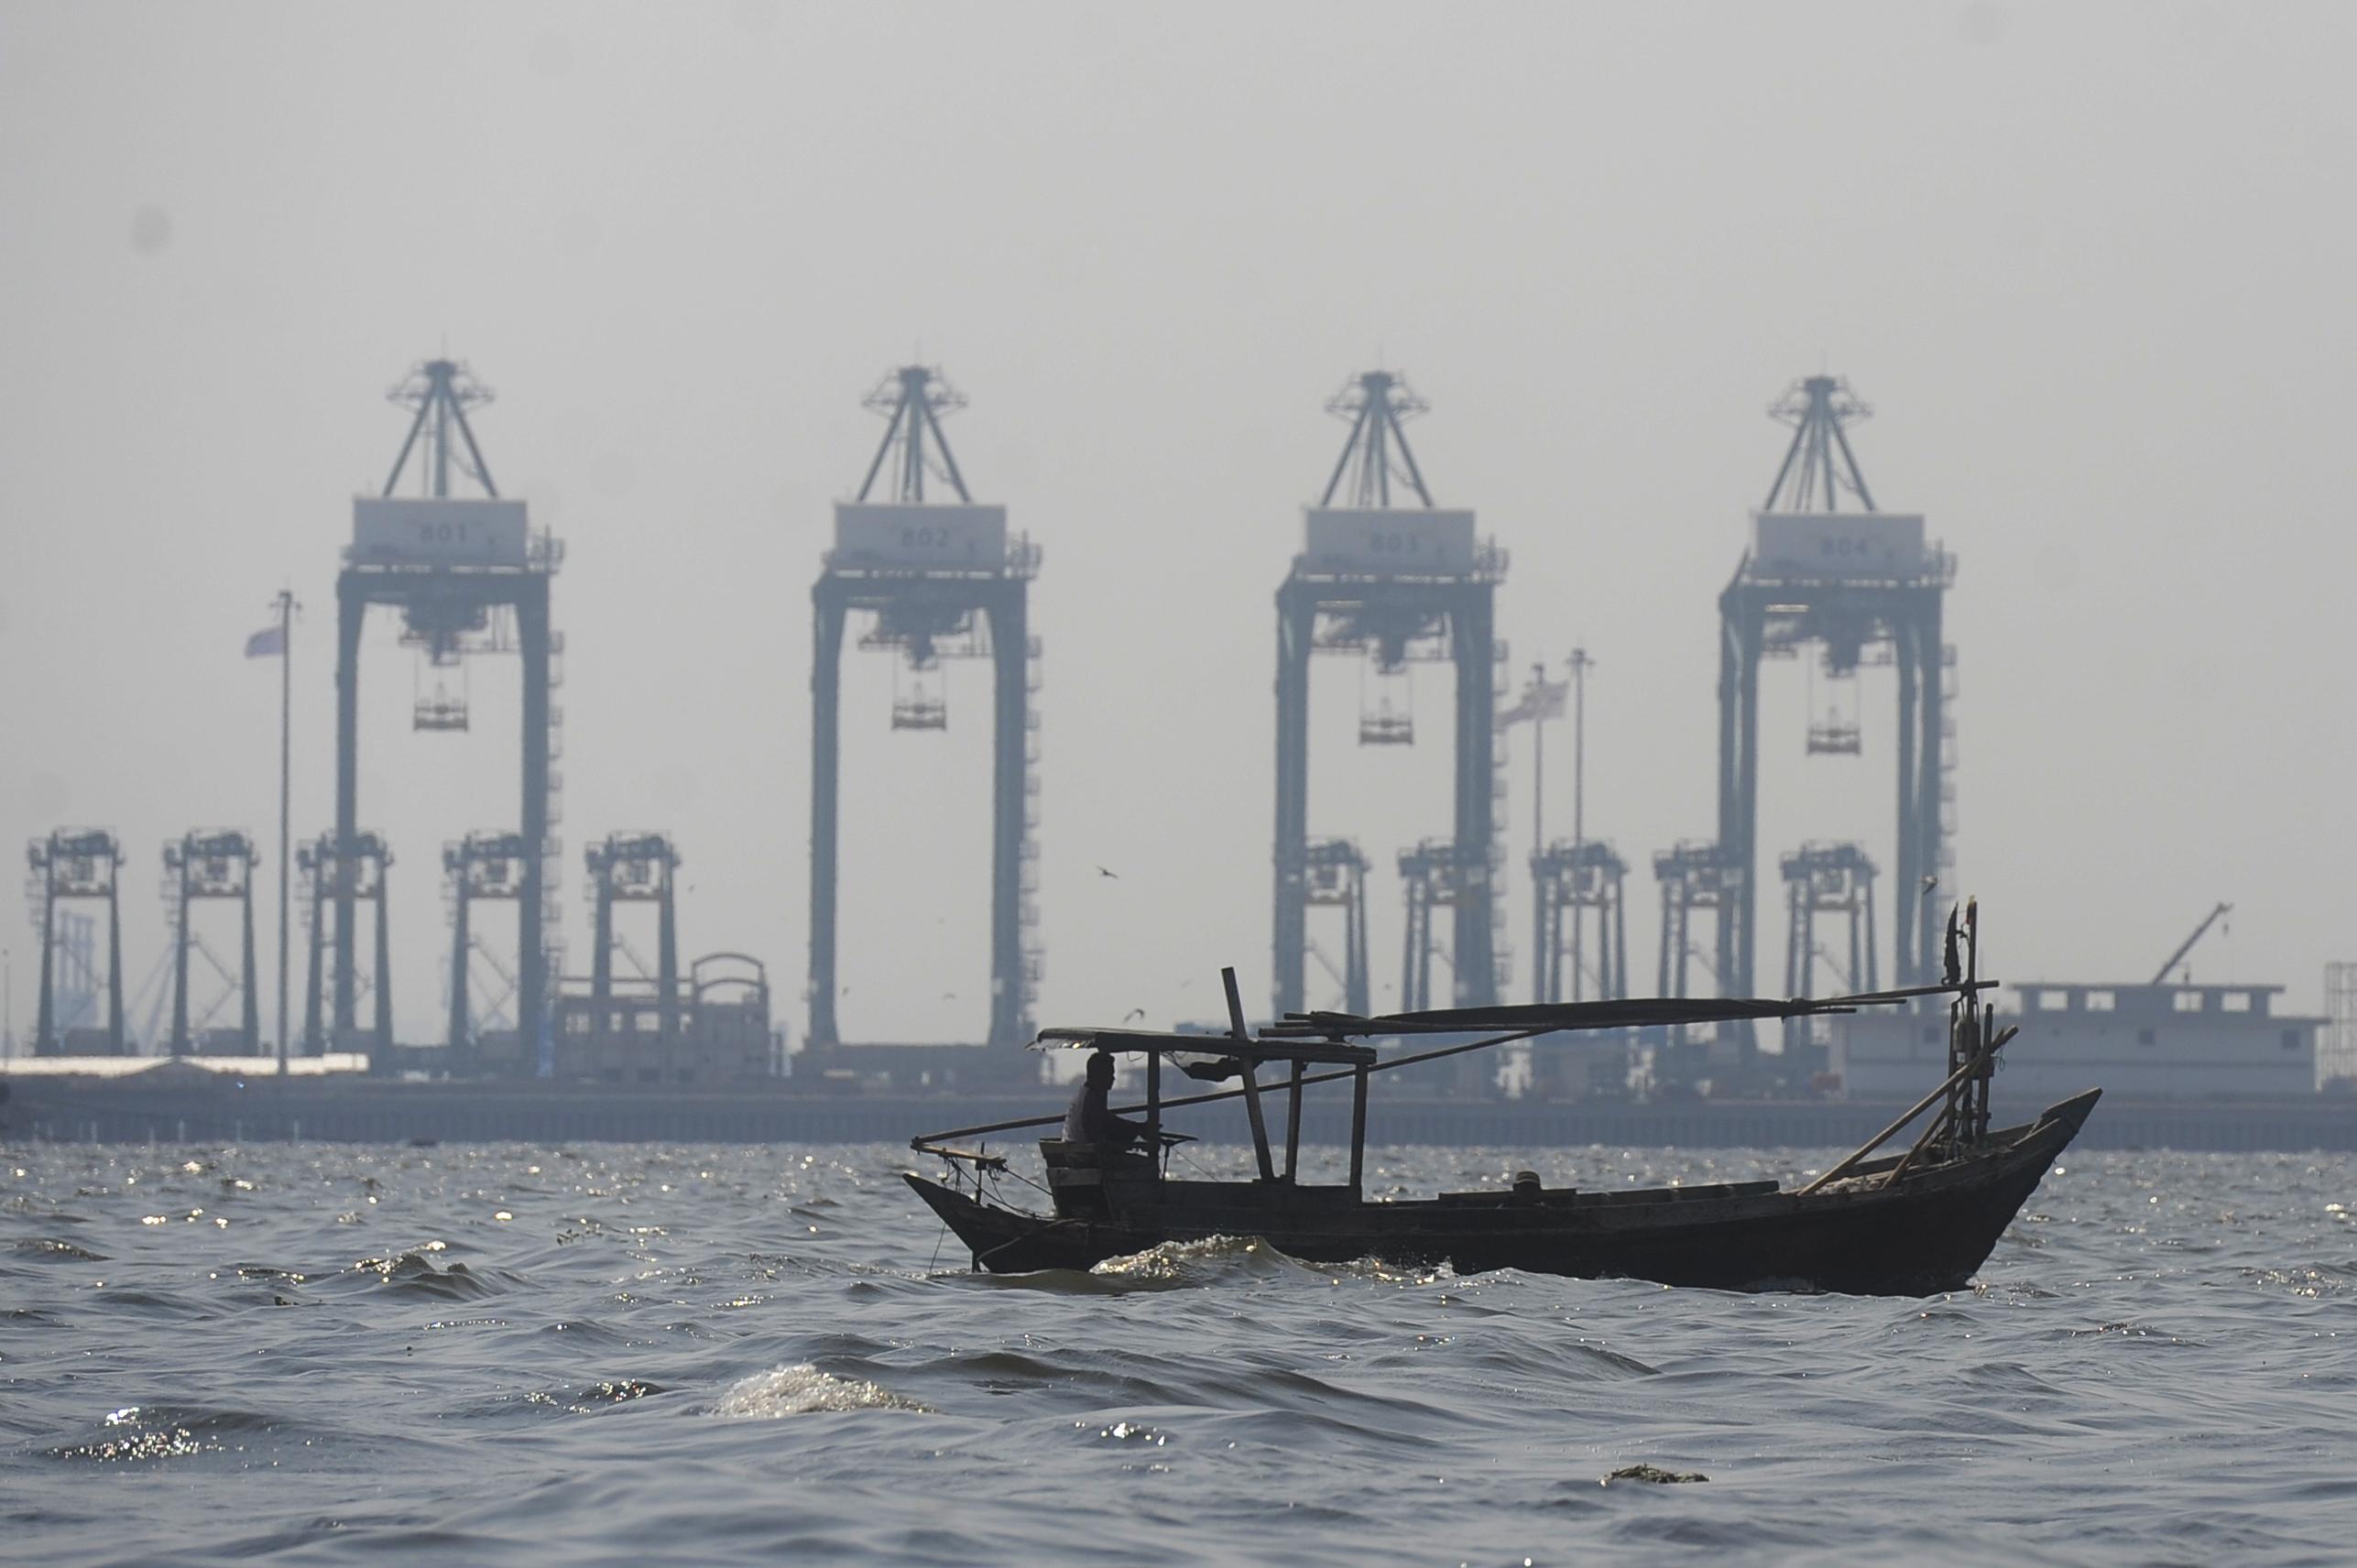 Nelayan melintas dengan latar belakang pelabuhan peti kemas Tanjung Priok di perairan Teluk Jakarta, Kamis (5/11). Menurut Otoritas Jasa Keuangan (OJK), penyaluran kredit baru perikanan dan kelautan melalui delapan bank nasional mencapai Rp4,41 triliun atau 82,09 persen dari target sebesar Rp5,37 triliun. ANTARA FOTO/Wahyu Putro A.